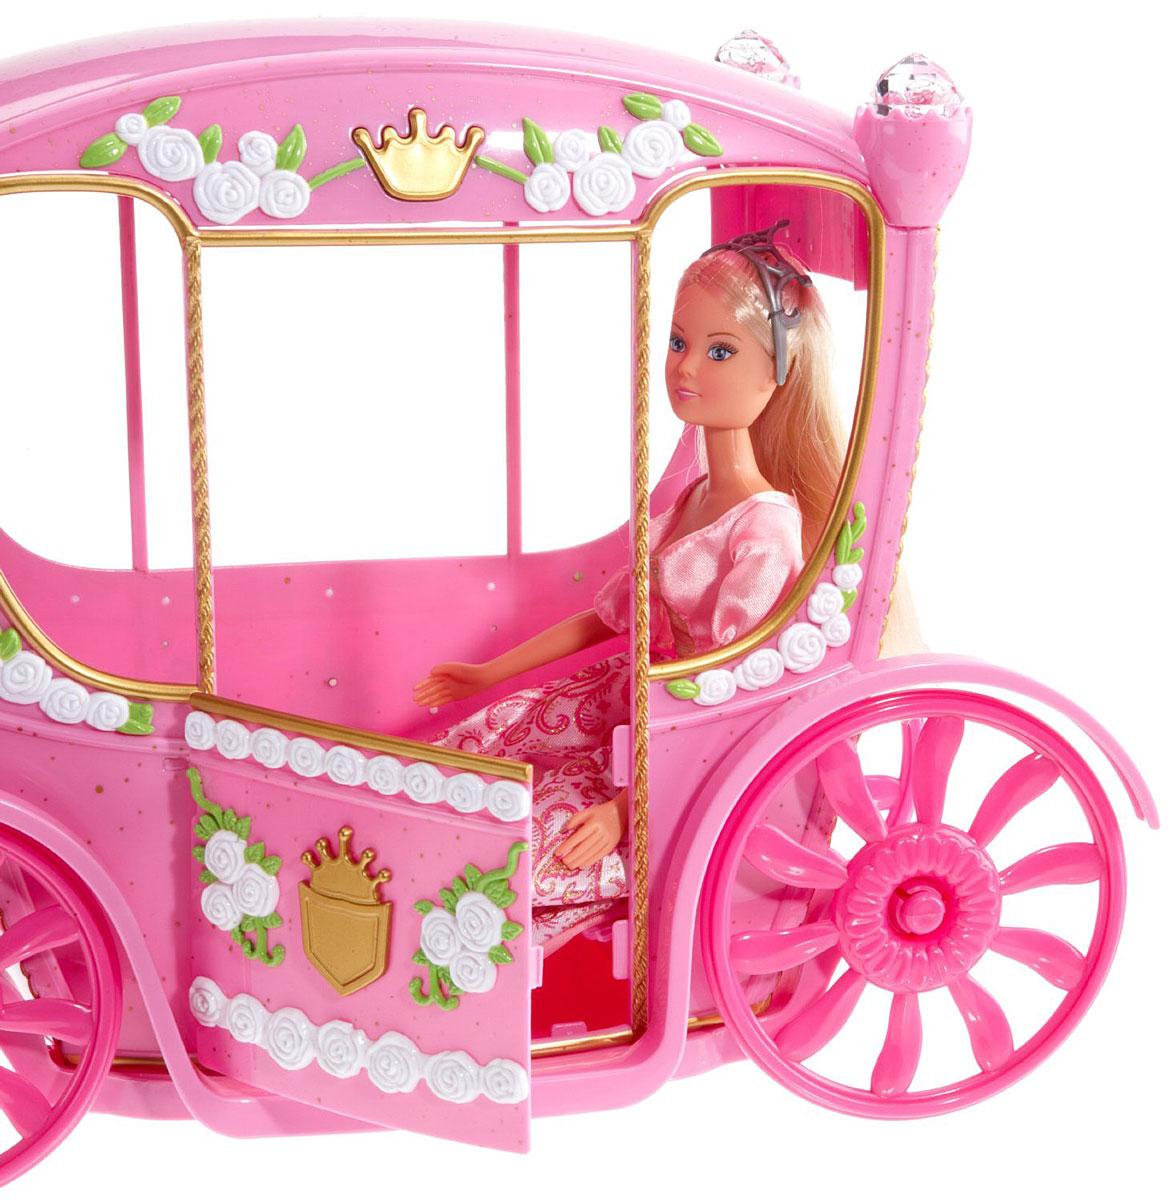 выборе кукла с каретой начинайте обматывать